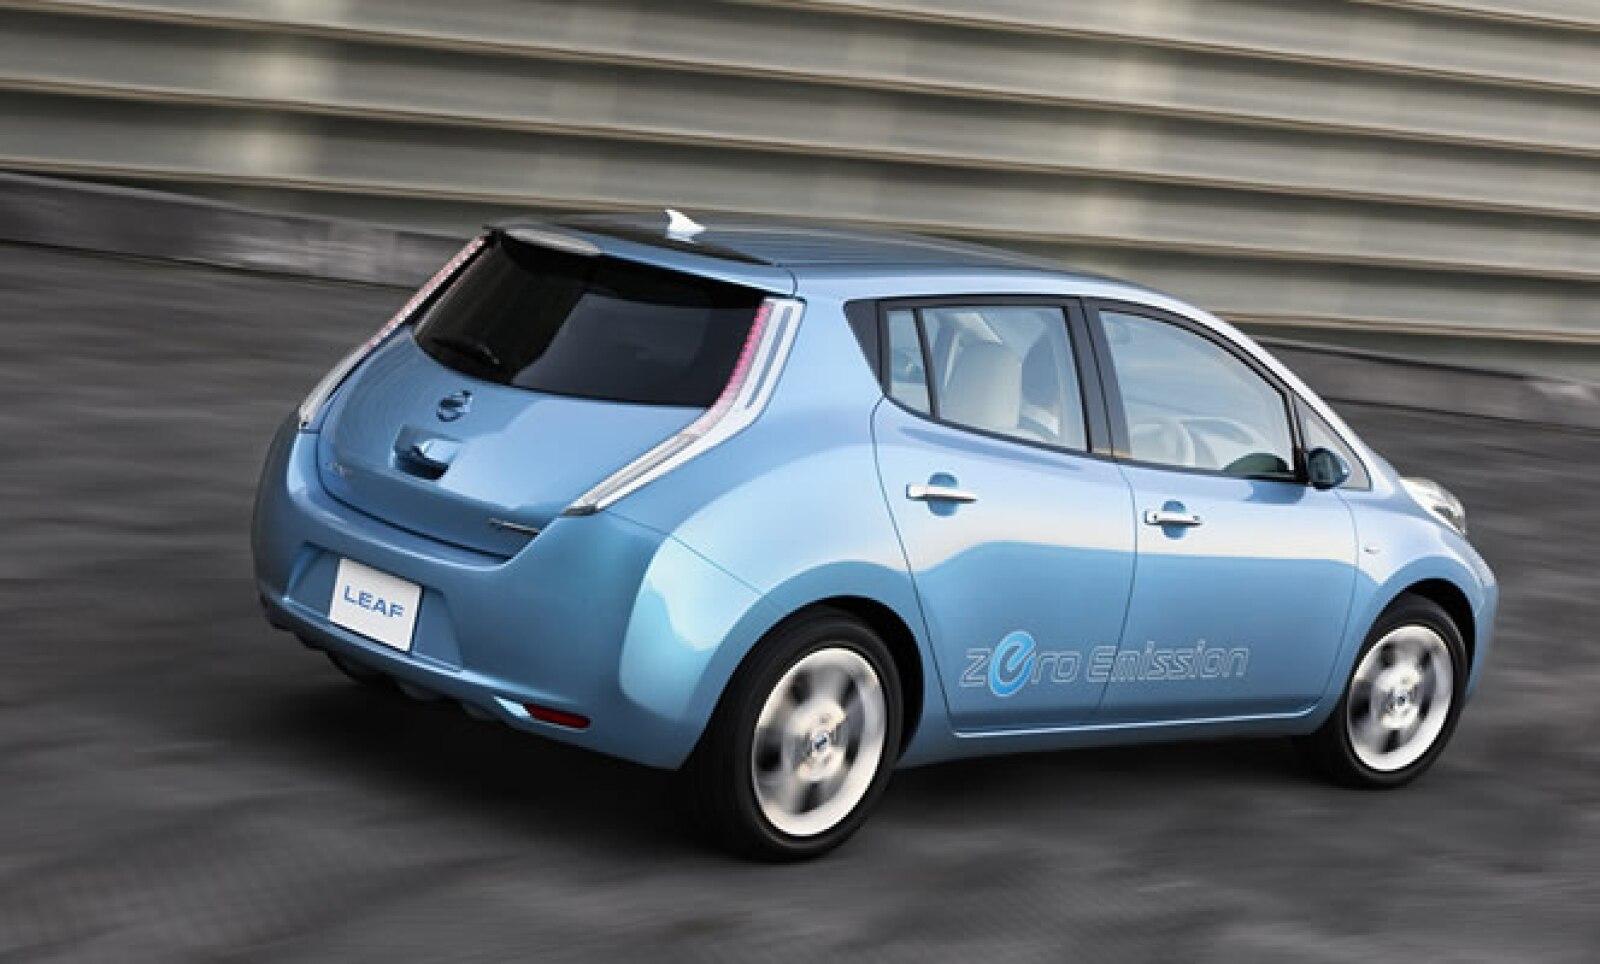 """""""Nuestra visión corporativa es que una nueva era está comenzando en la industria automotriz mundial, y estamos trabajando para encabezar el camino hacia una movilidad cero emisiones a nivel masivo en el mercado"""", dijo Muñoz."""